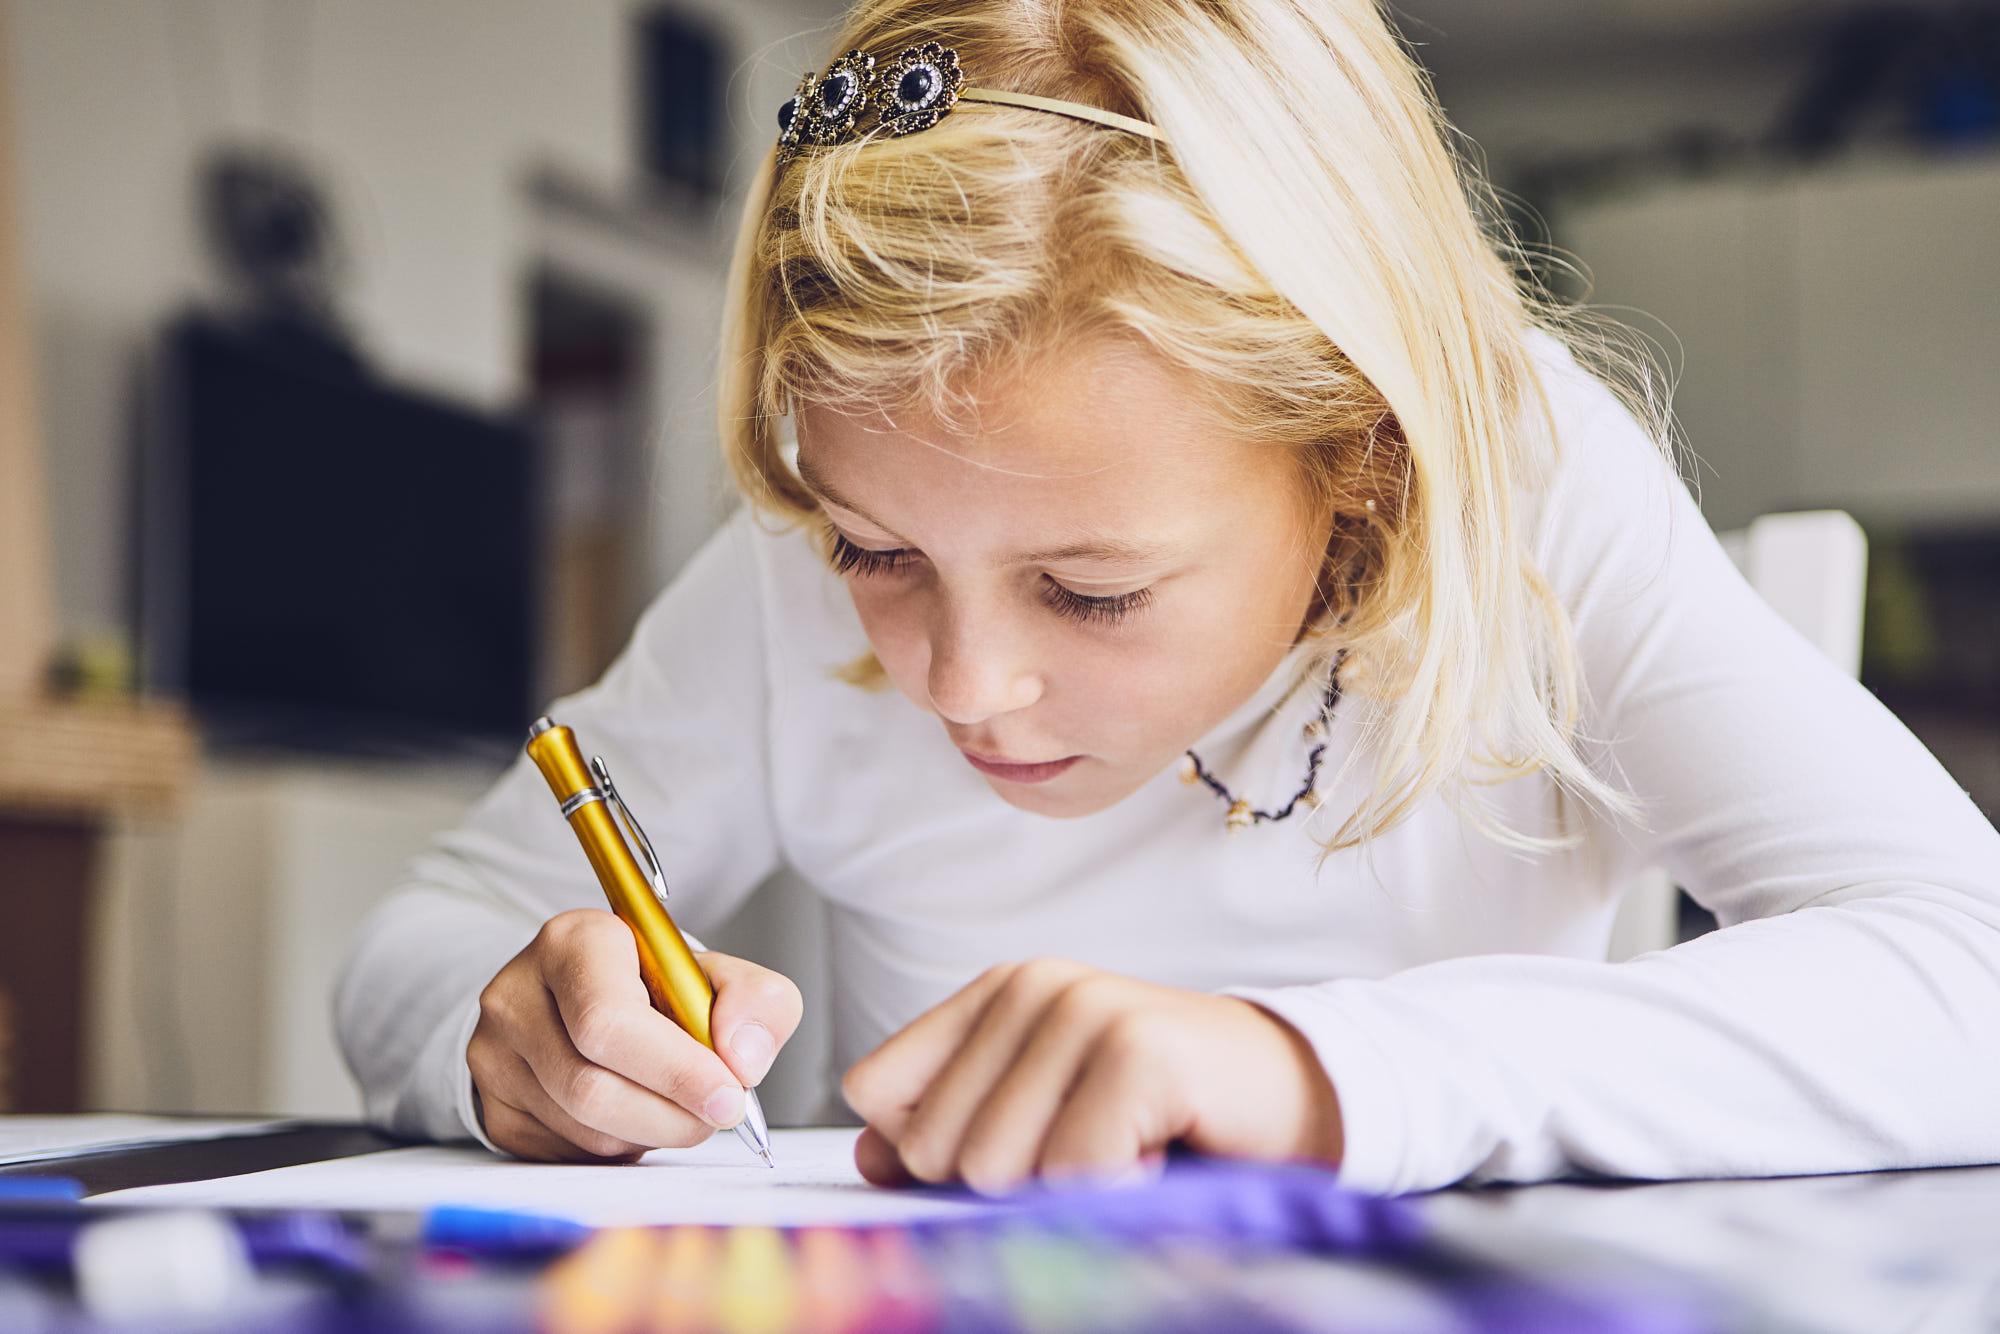 İnce motor becerileri, el yazısı ve yazı yazma… Bunların arasındaki ilişki nedir?, İLK EVİN - Özel Eğitim ve Rehabilitasyon Merkezi